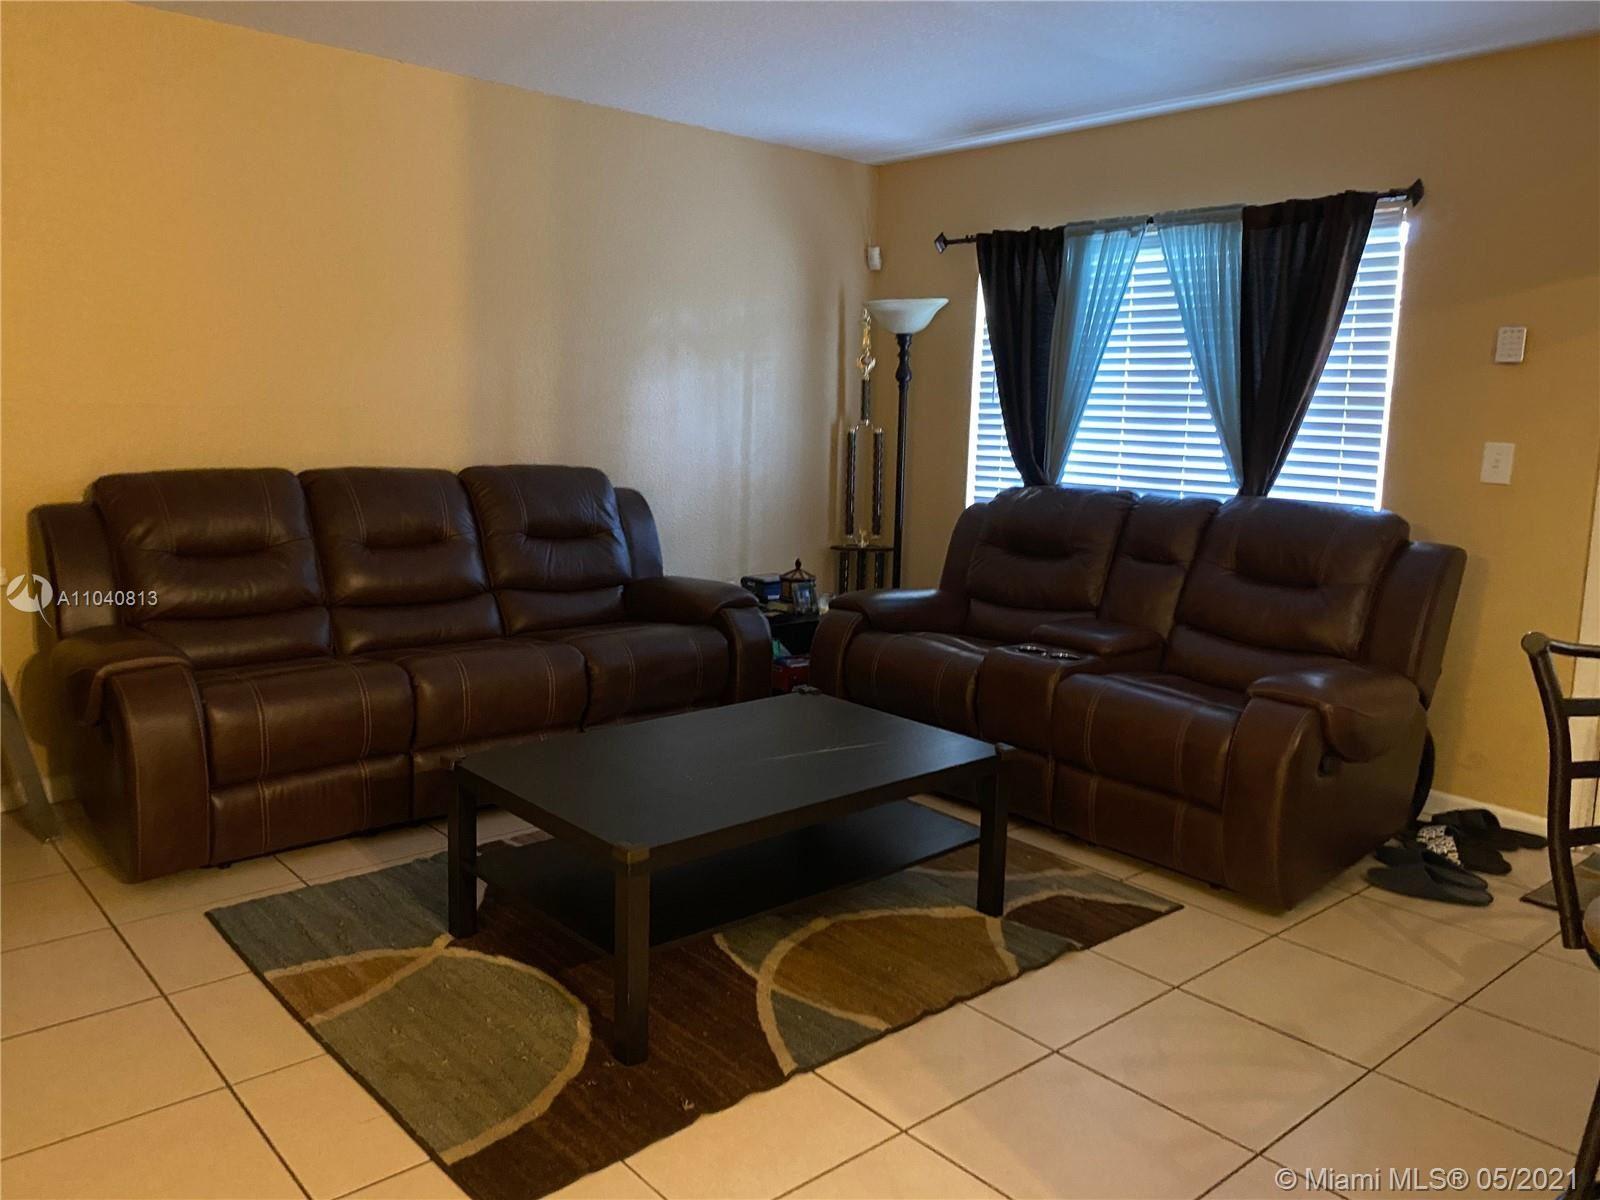 Photo of 4160 NW 21st St #F113, Lauderhill, FL 33313 (MLS # A11040813)